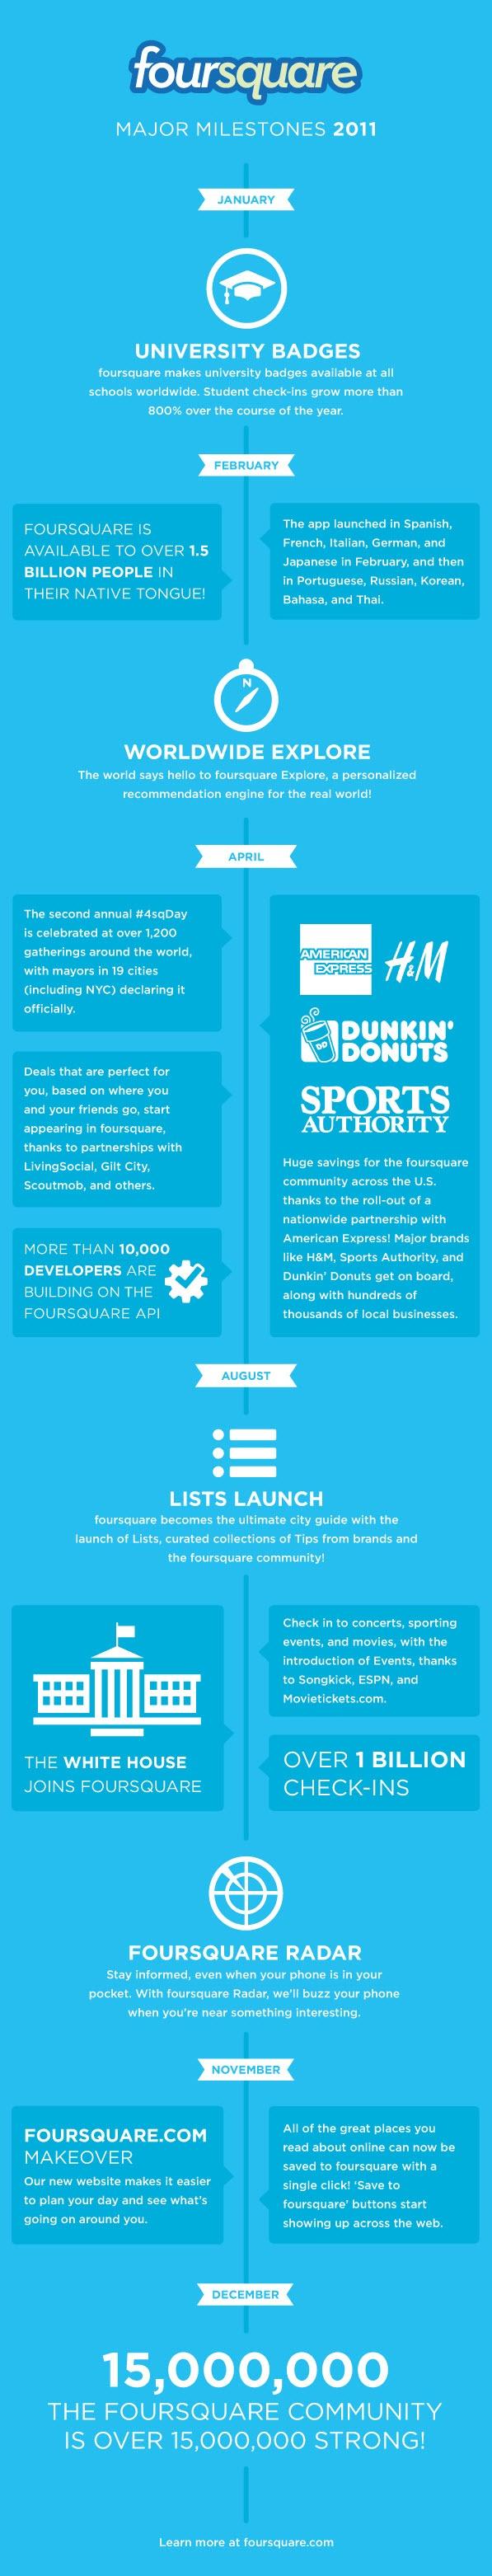 Foursquare 2011 #infographic